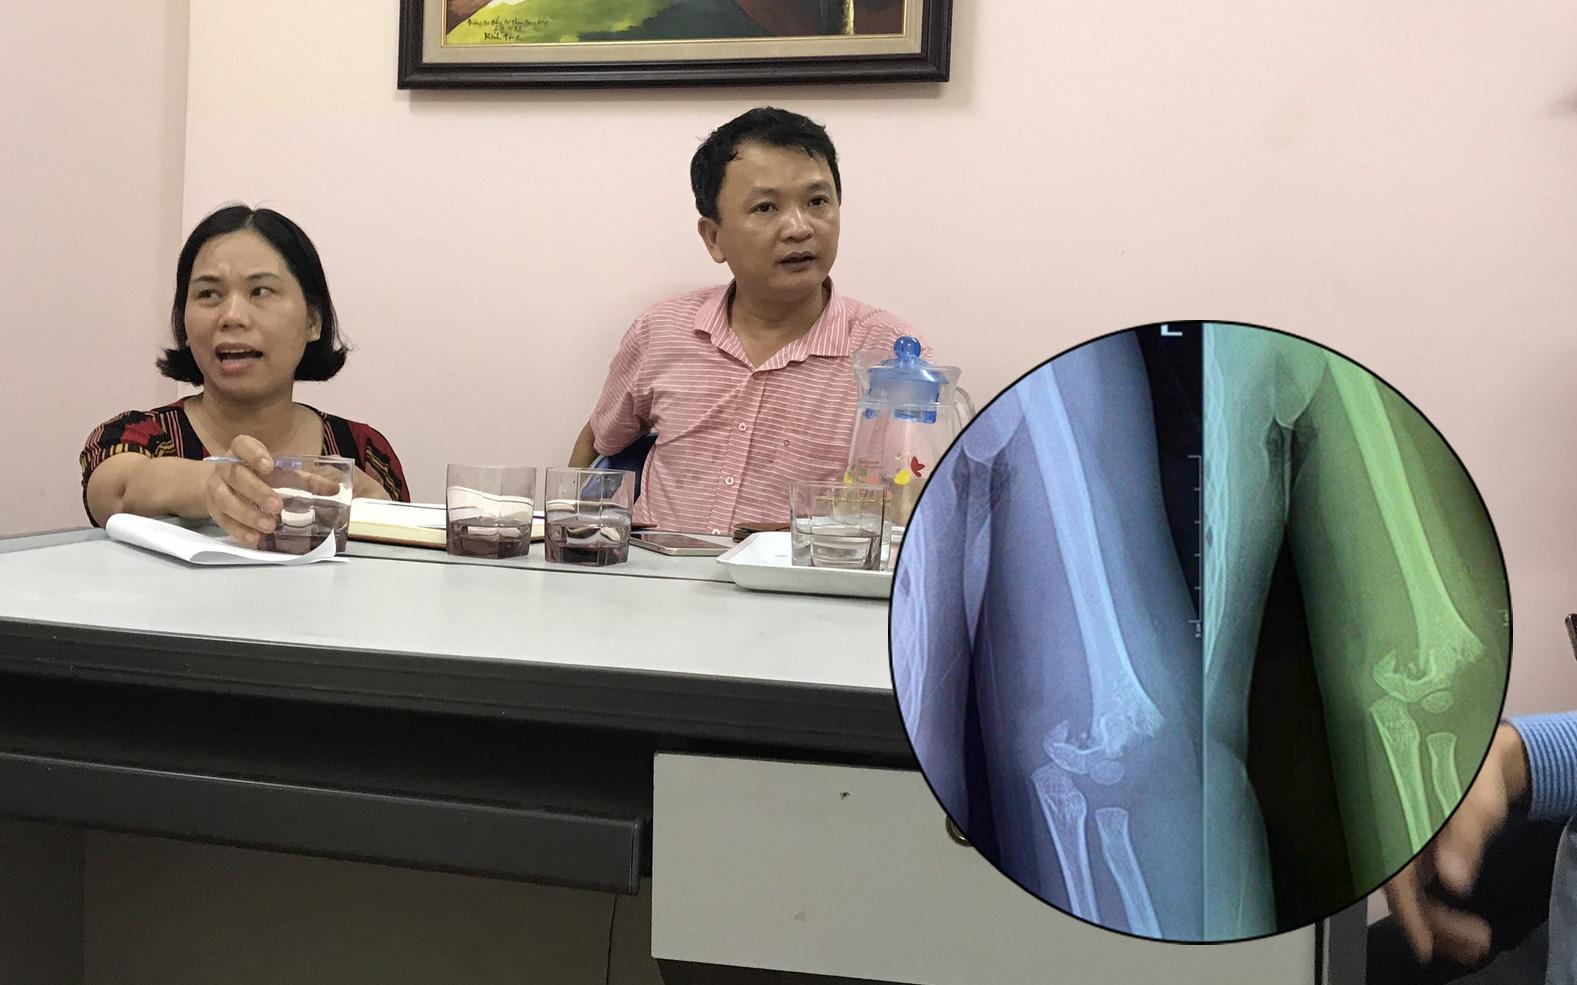 Nhà trường lên tiếng sau vụ bé gái 5 tuổi ngã gãy tay, nguy cơ bị liệt khi đang trong giờ học